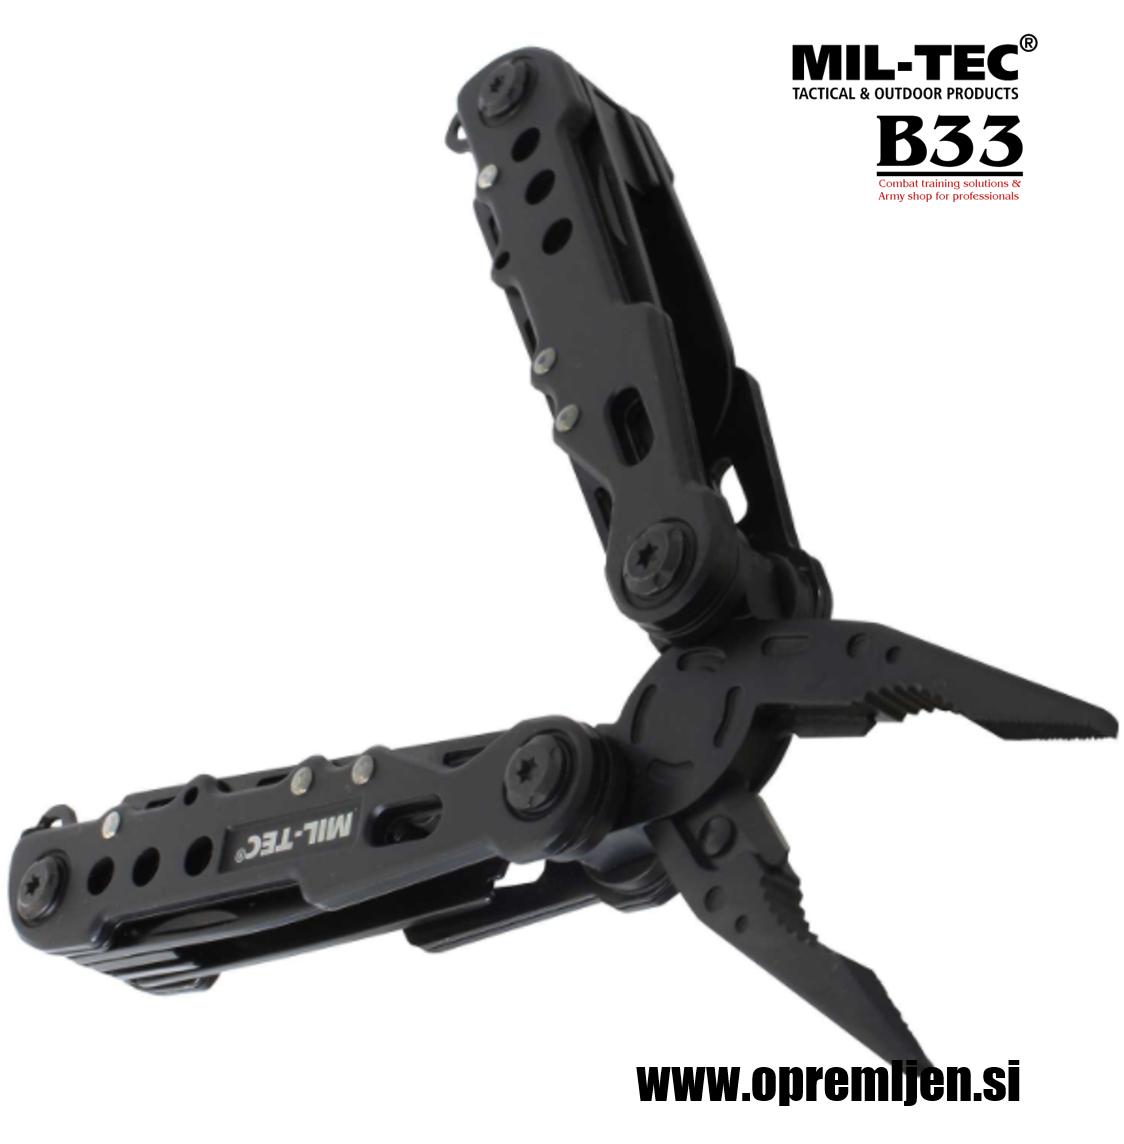 B33 army shop - Vojaško kompaktno multifunkcijsko orodje Black Cobra MILTEC, MIL-TEC opremite se na www.opremljen.si (trgovina z vojaško opremo, vojaška trgovina)